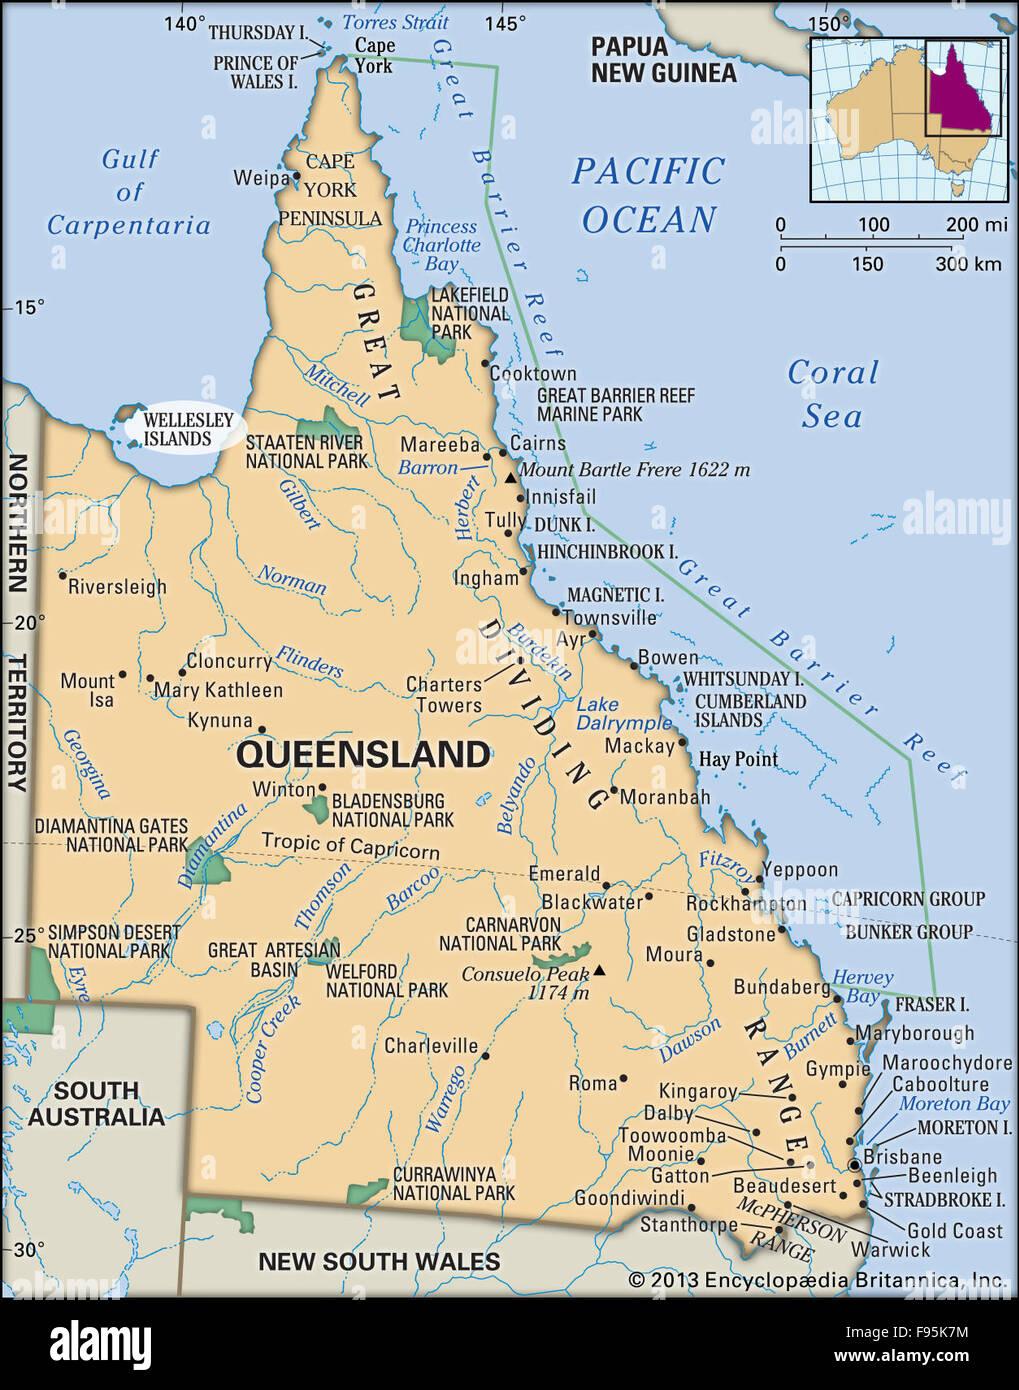 Wellesley Islands, Queensland, Australia - Stock Image